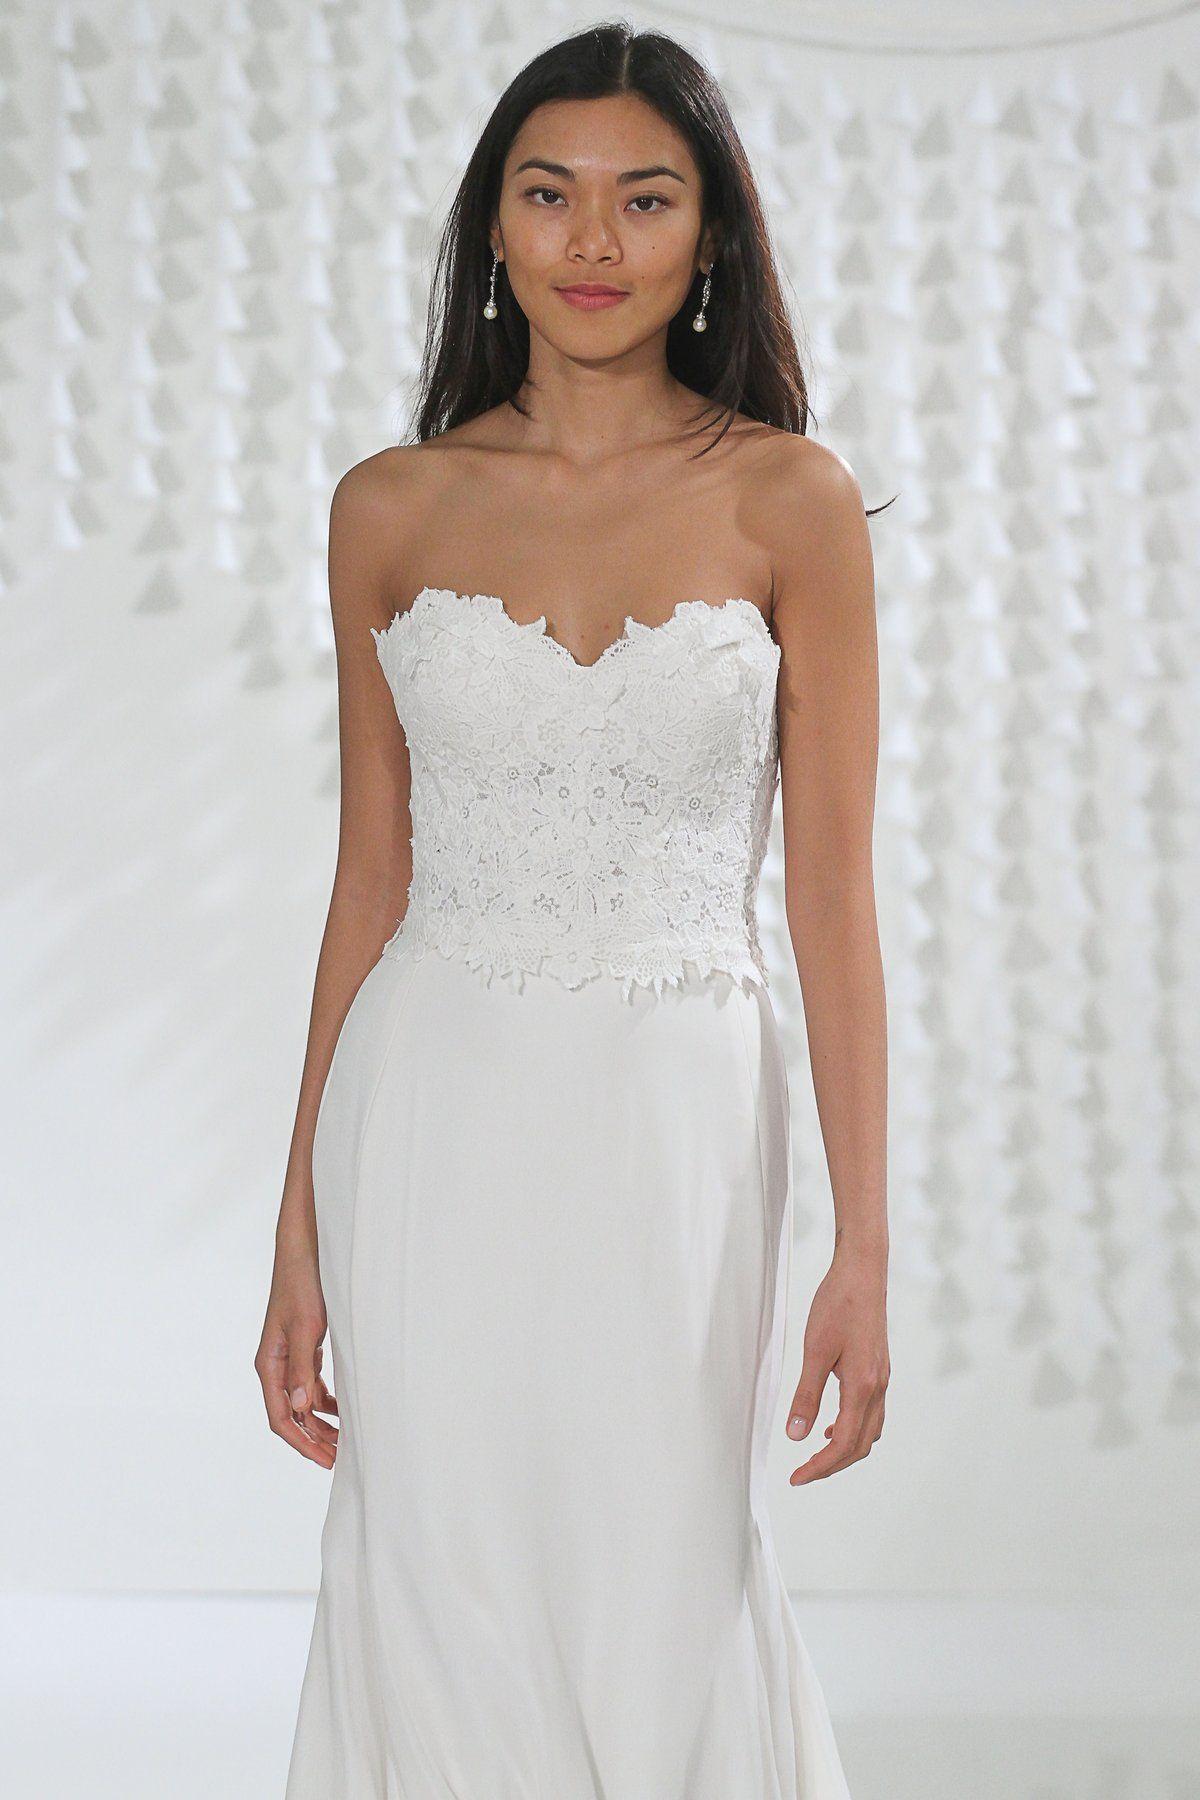 Großzügig Entbindungspartykleider Online Bilder - Hochzeit Kleid ...